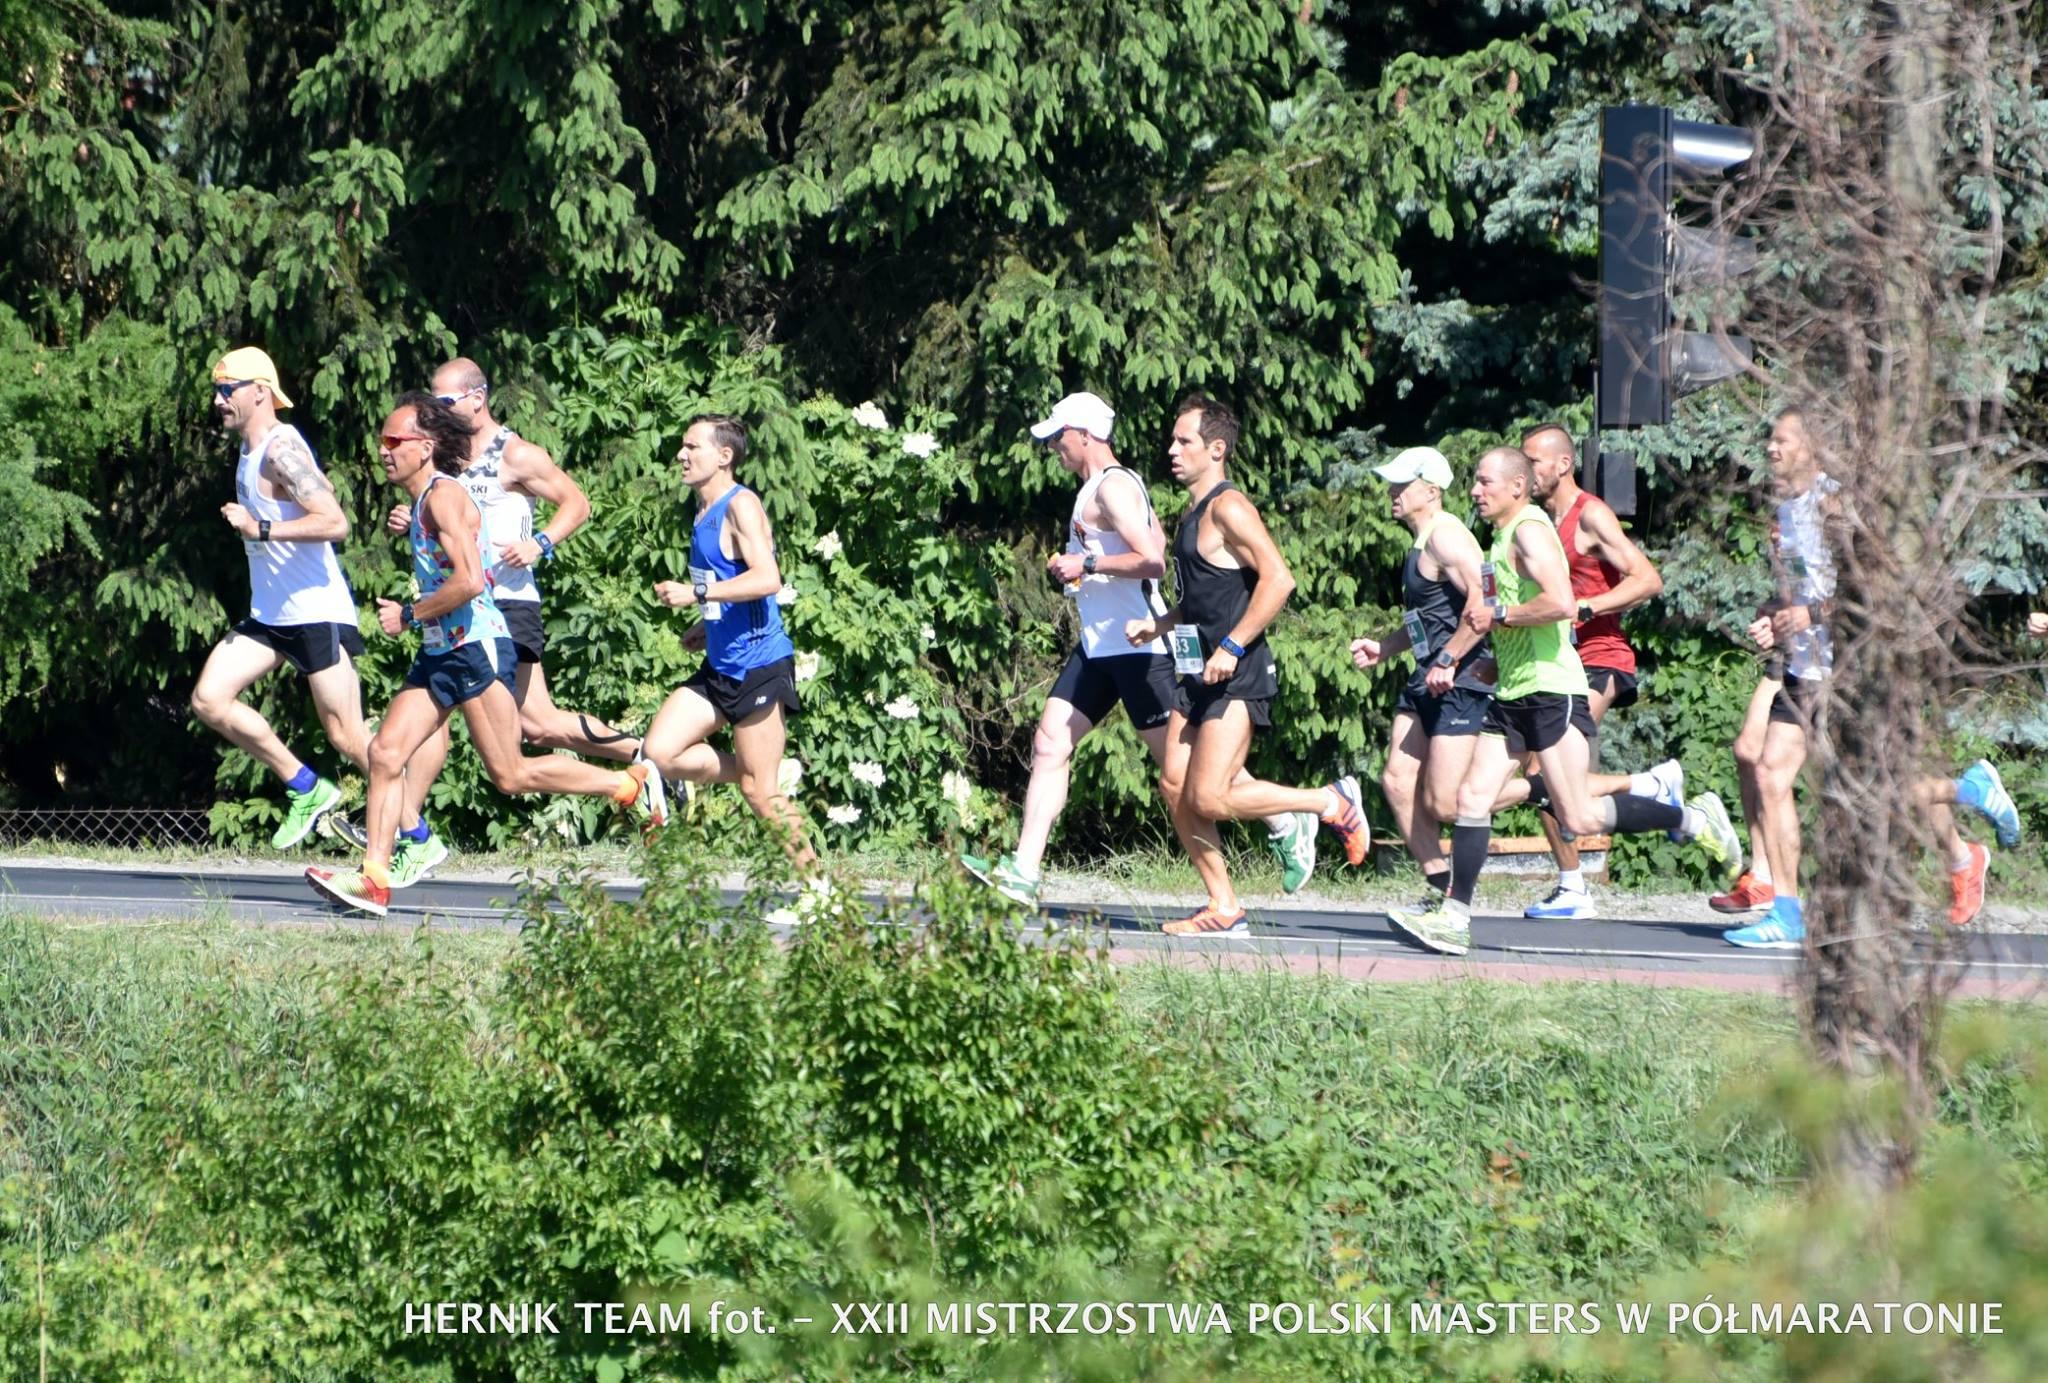 Nasz Patronat. Pokoleniowe XXII Mistrzostwa Polski Masters w Półmaratonie